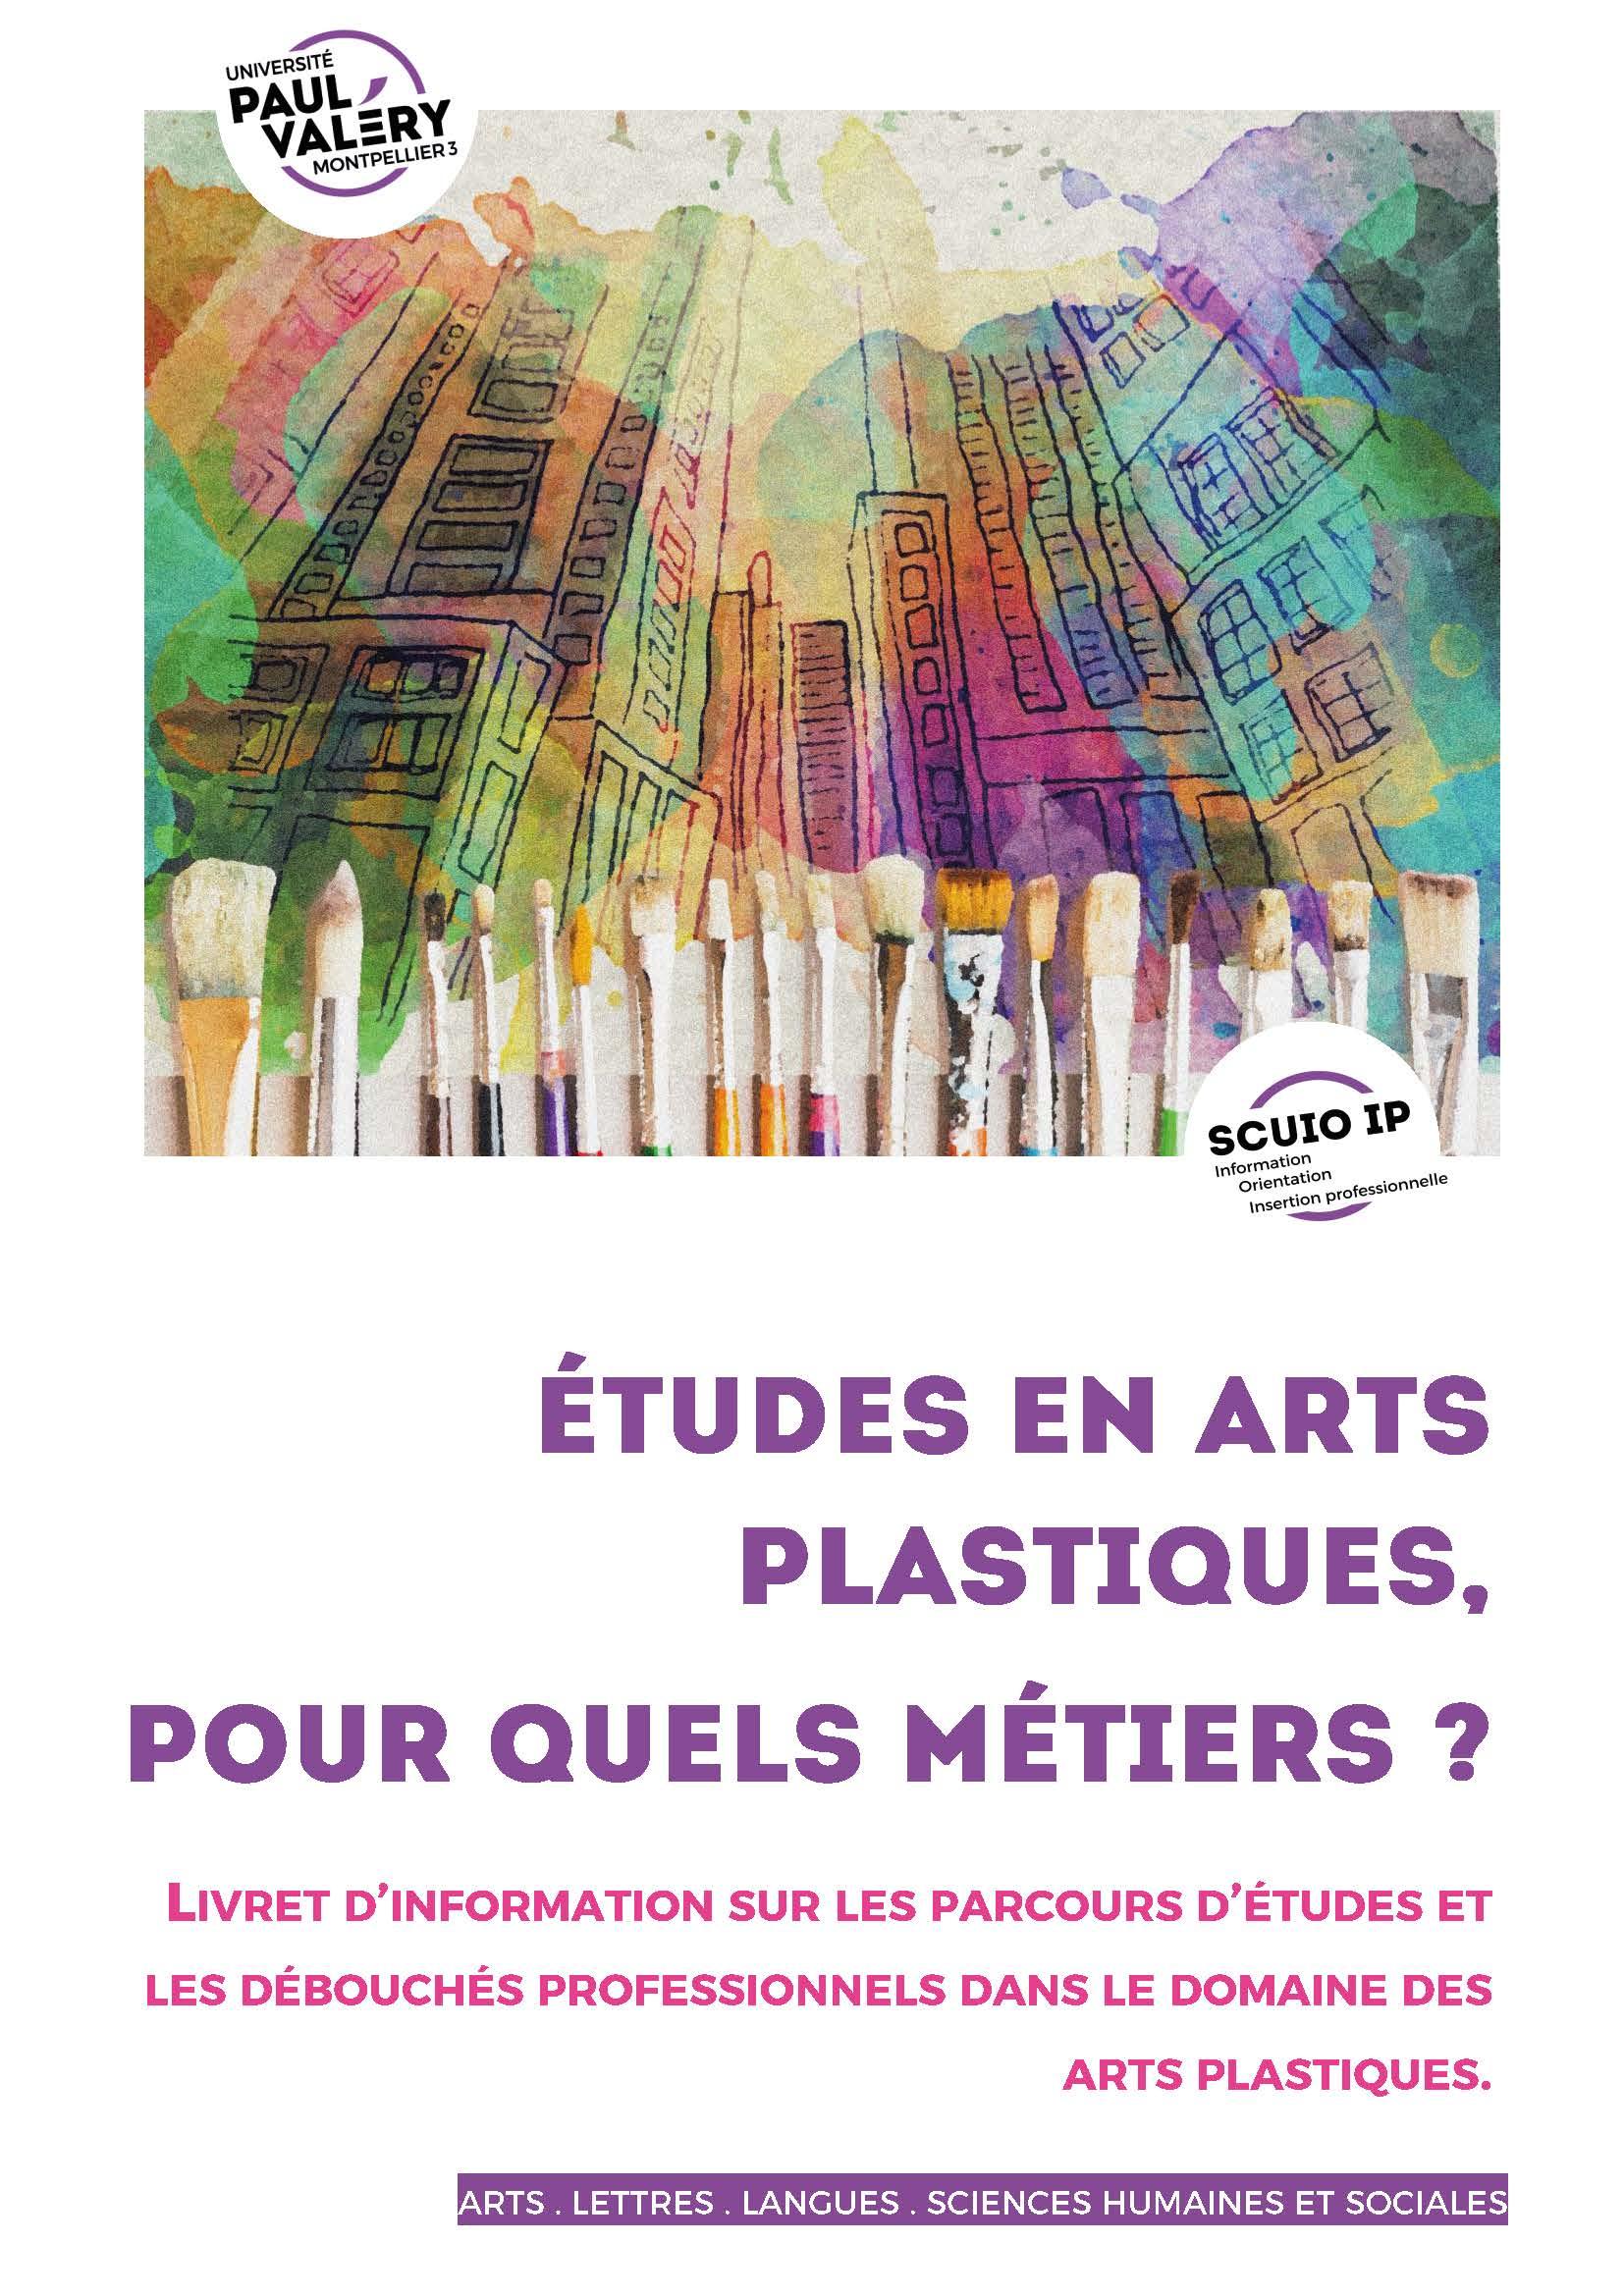 Arts plastiques